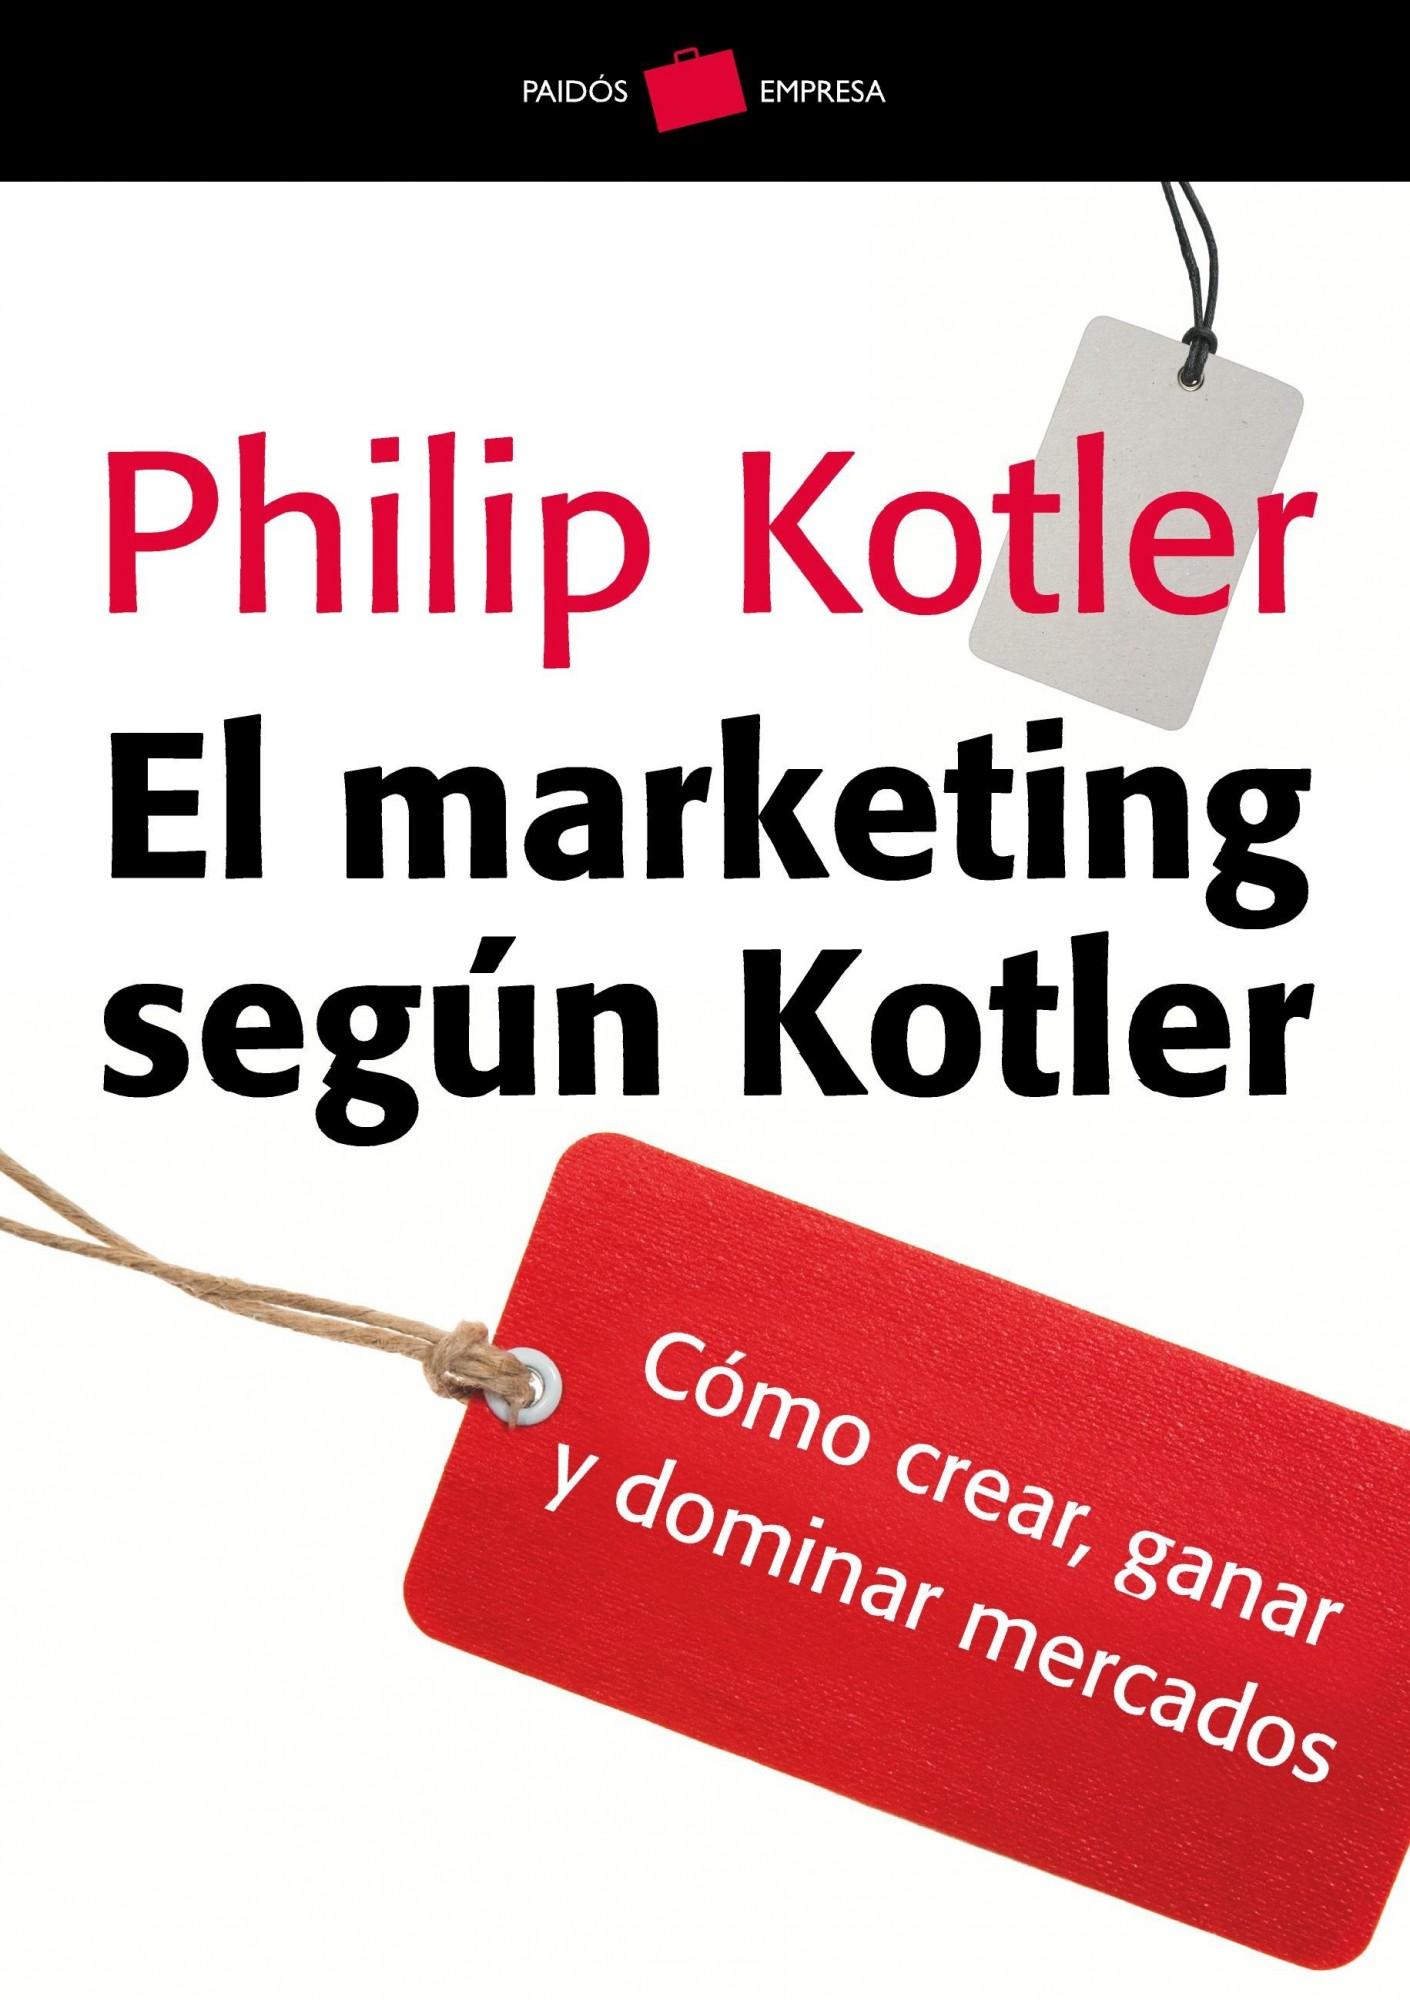 El Marketing Segun Kotler: Como Crear, Ganar Y Dominar Mercados por Philip Kotler